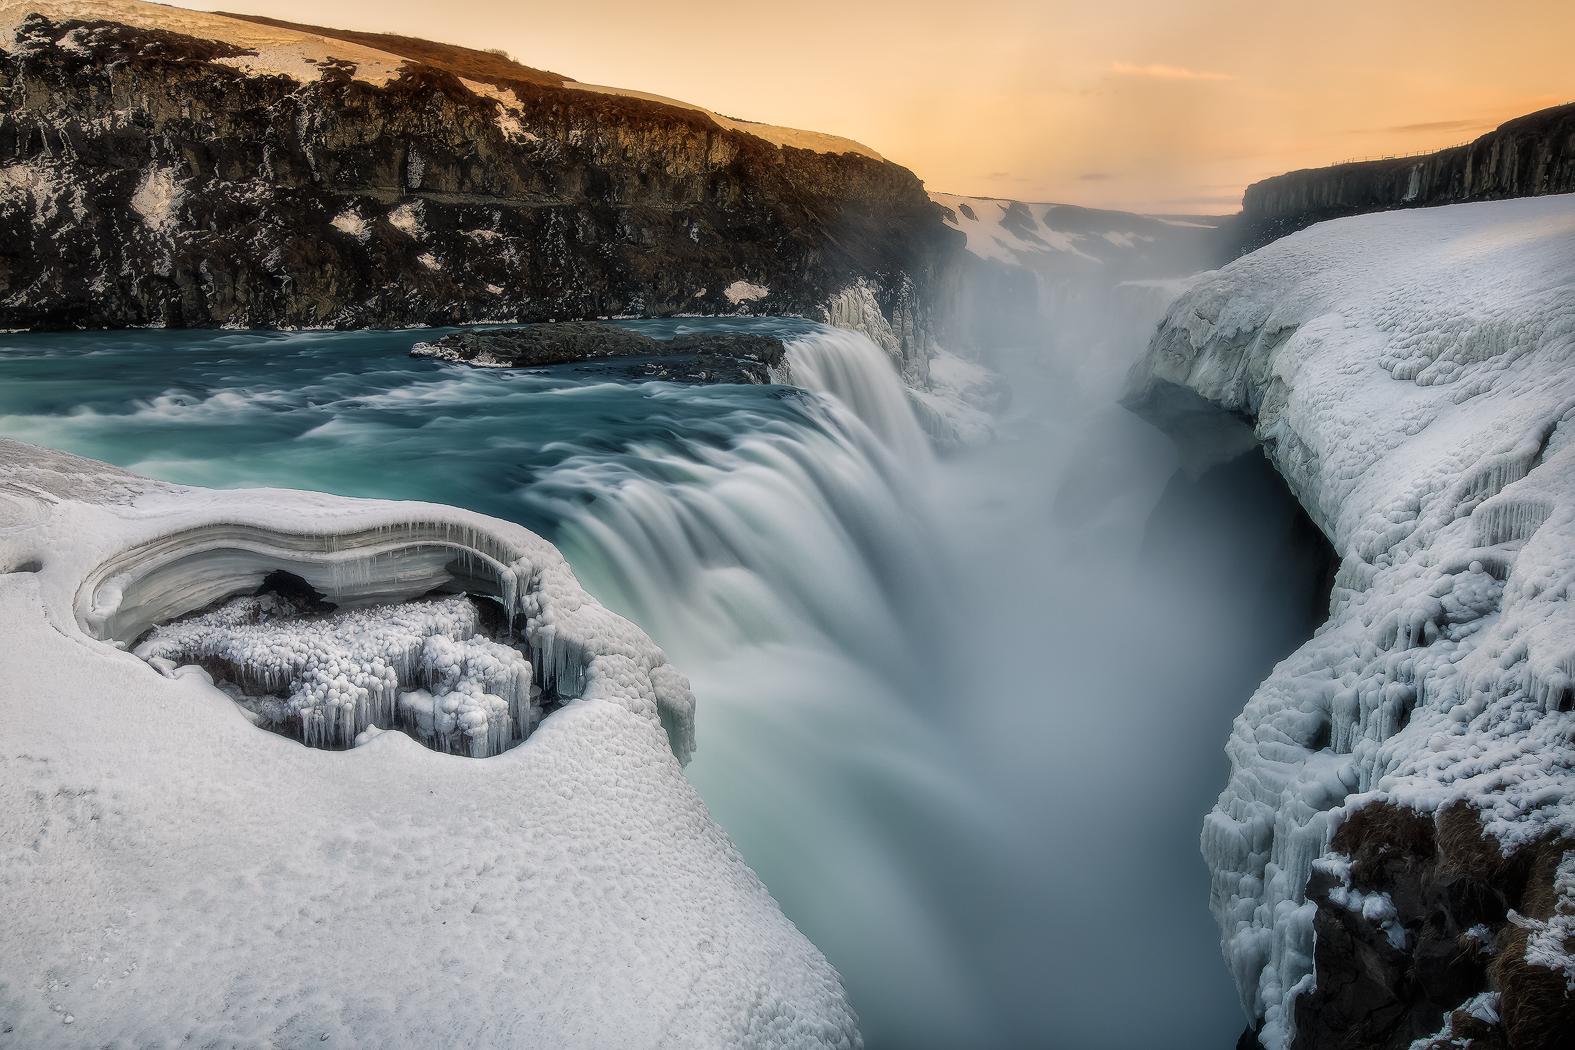 La façade gelée de la cascade de Gullfoss sous le soleil d'hiver.